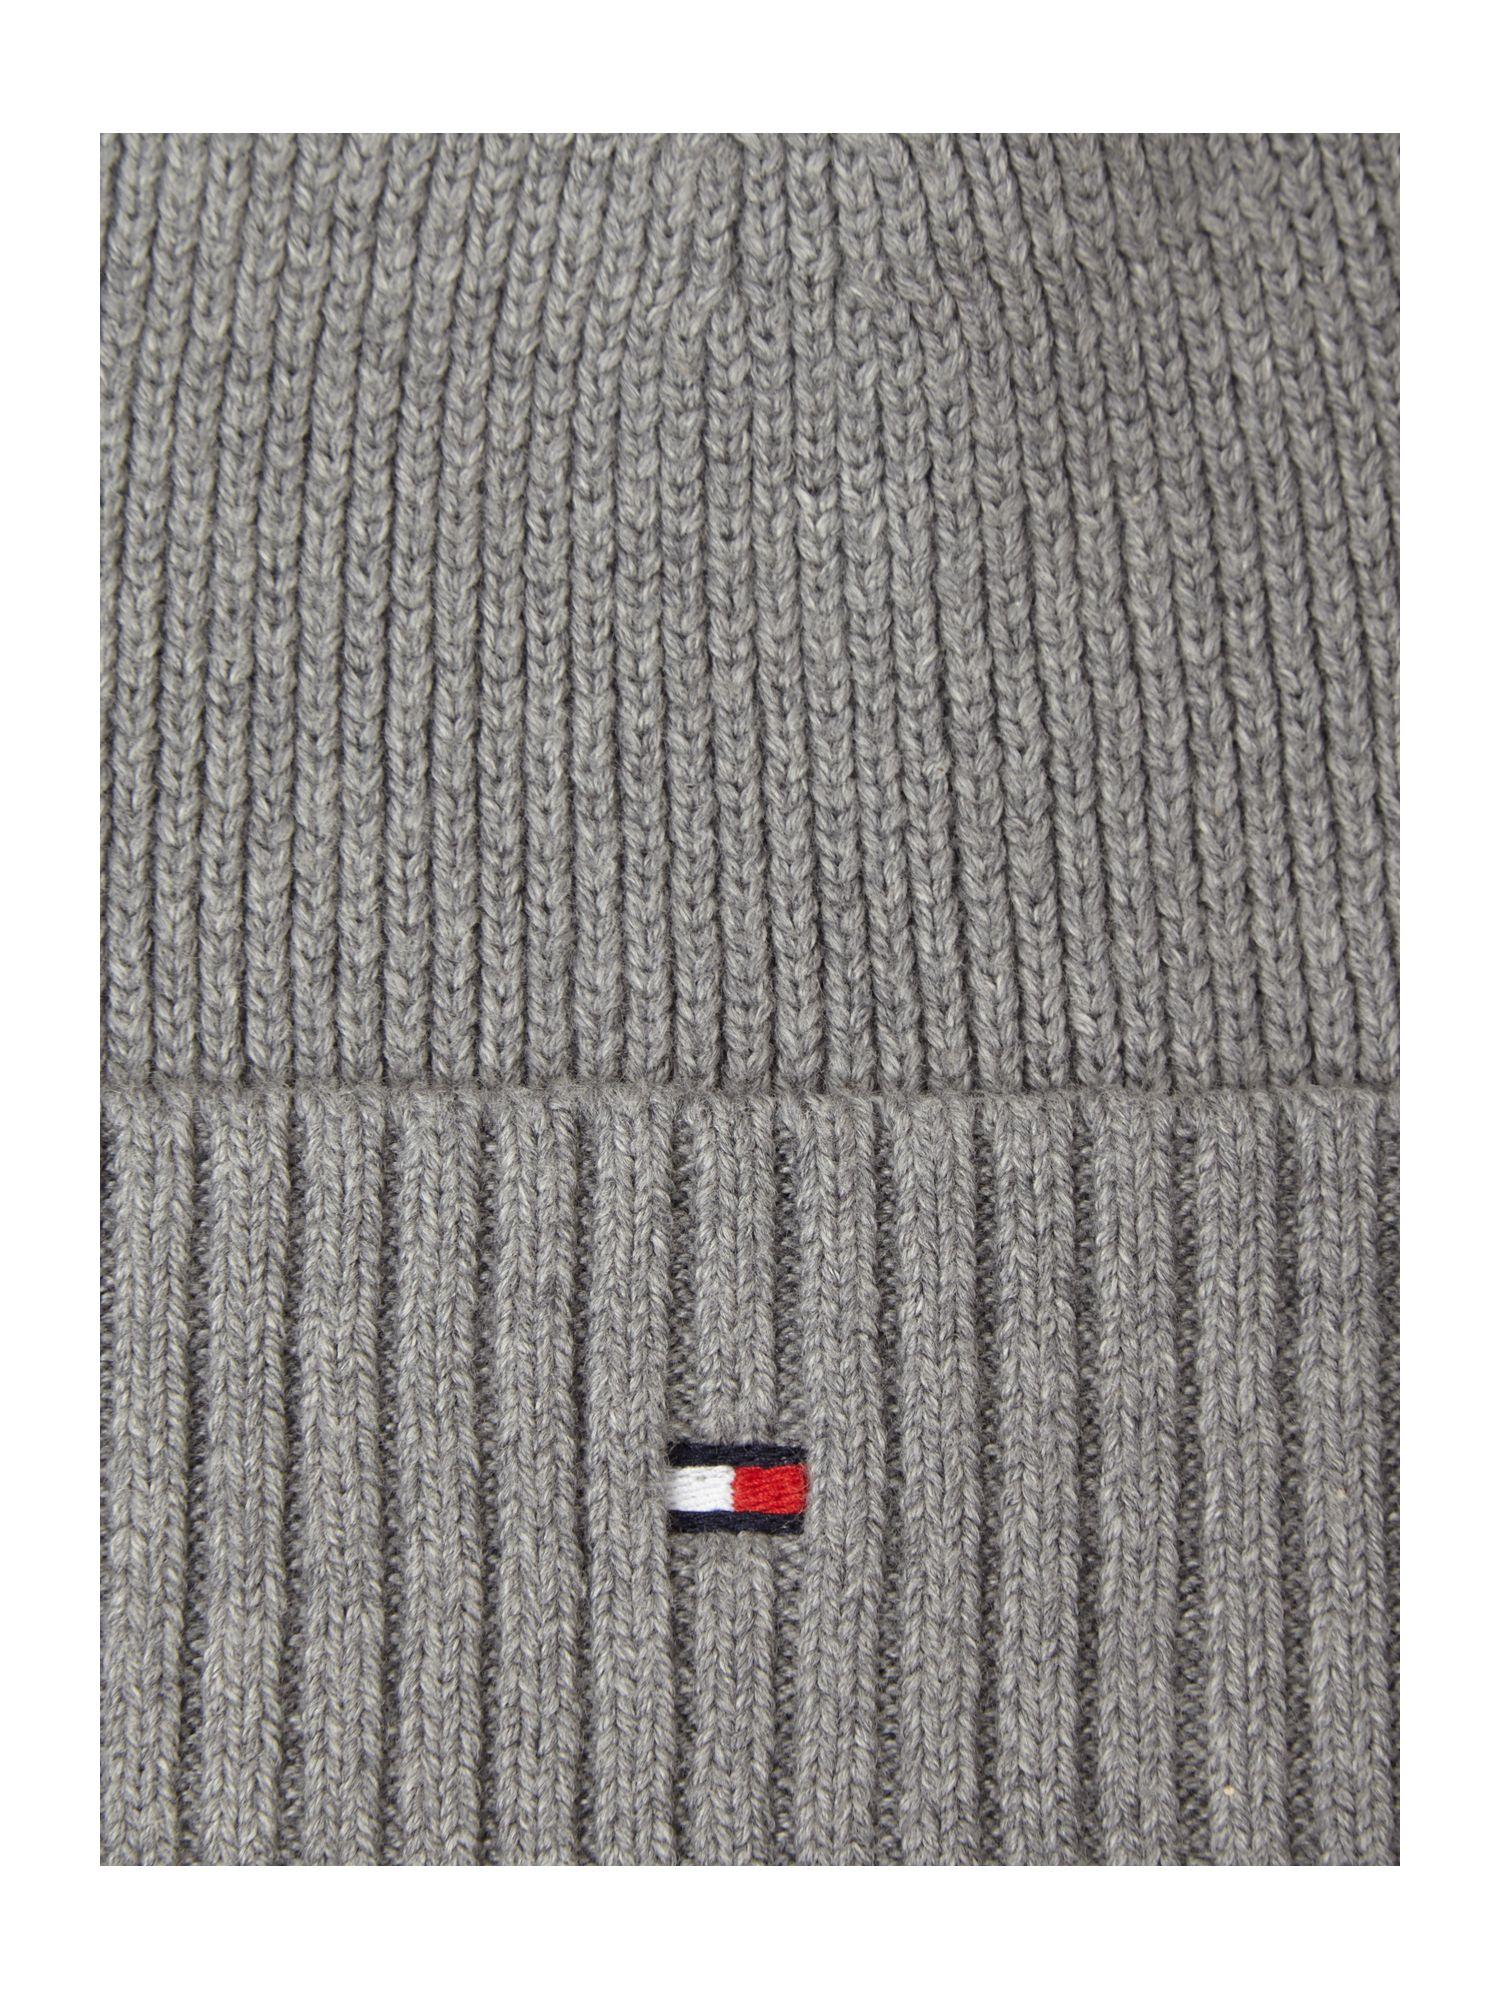 Tommy Hilfiger Cotton Cashmere Beanie Hat In Light Grey